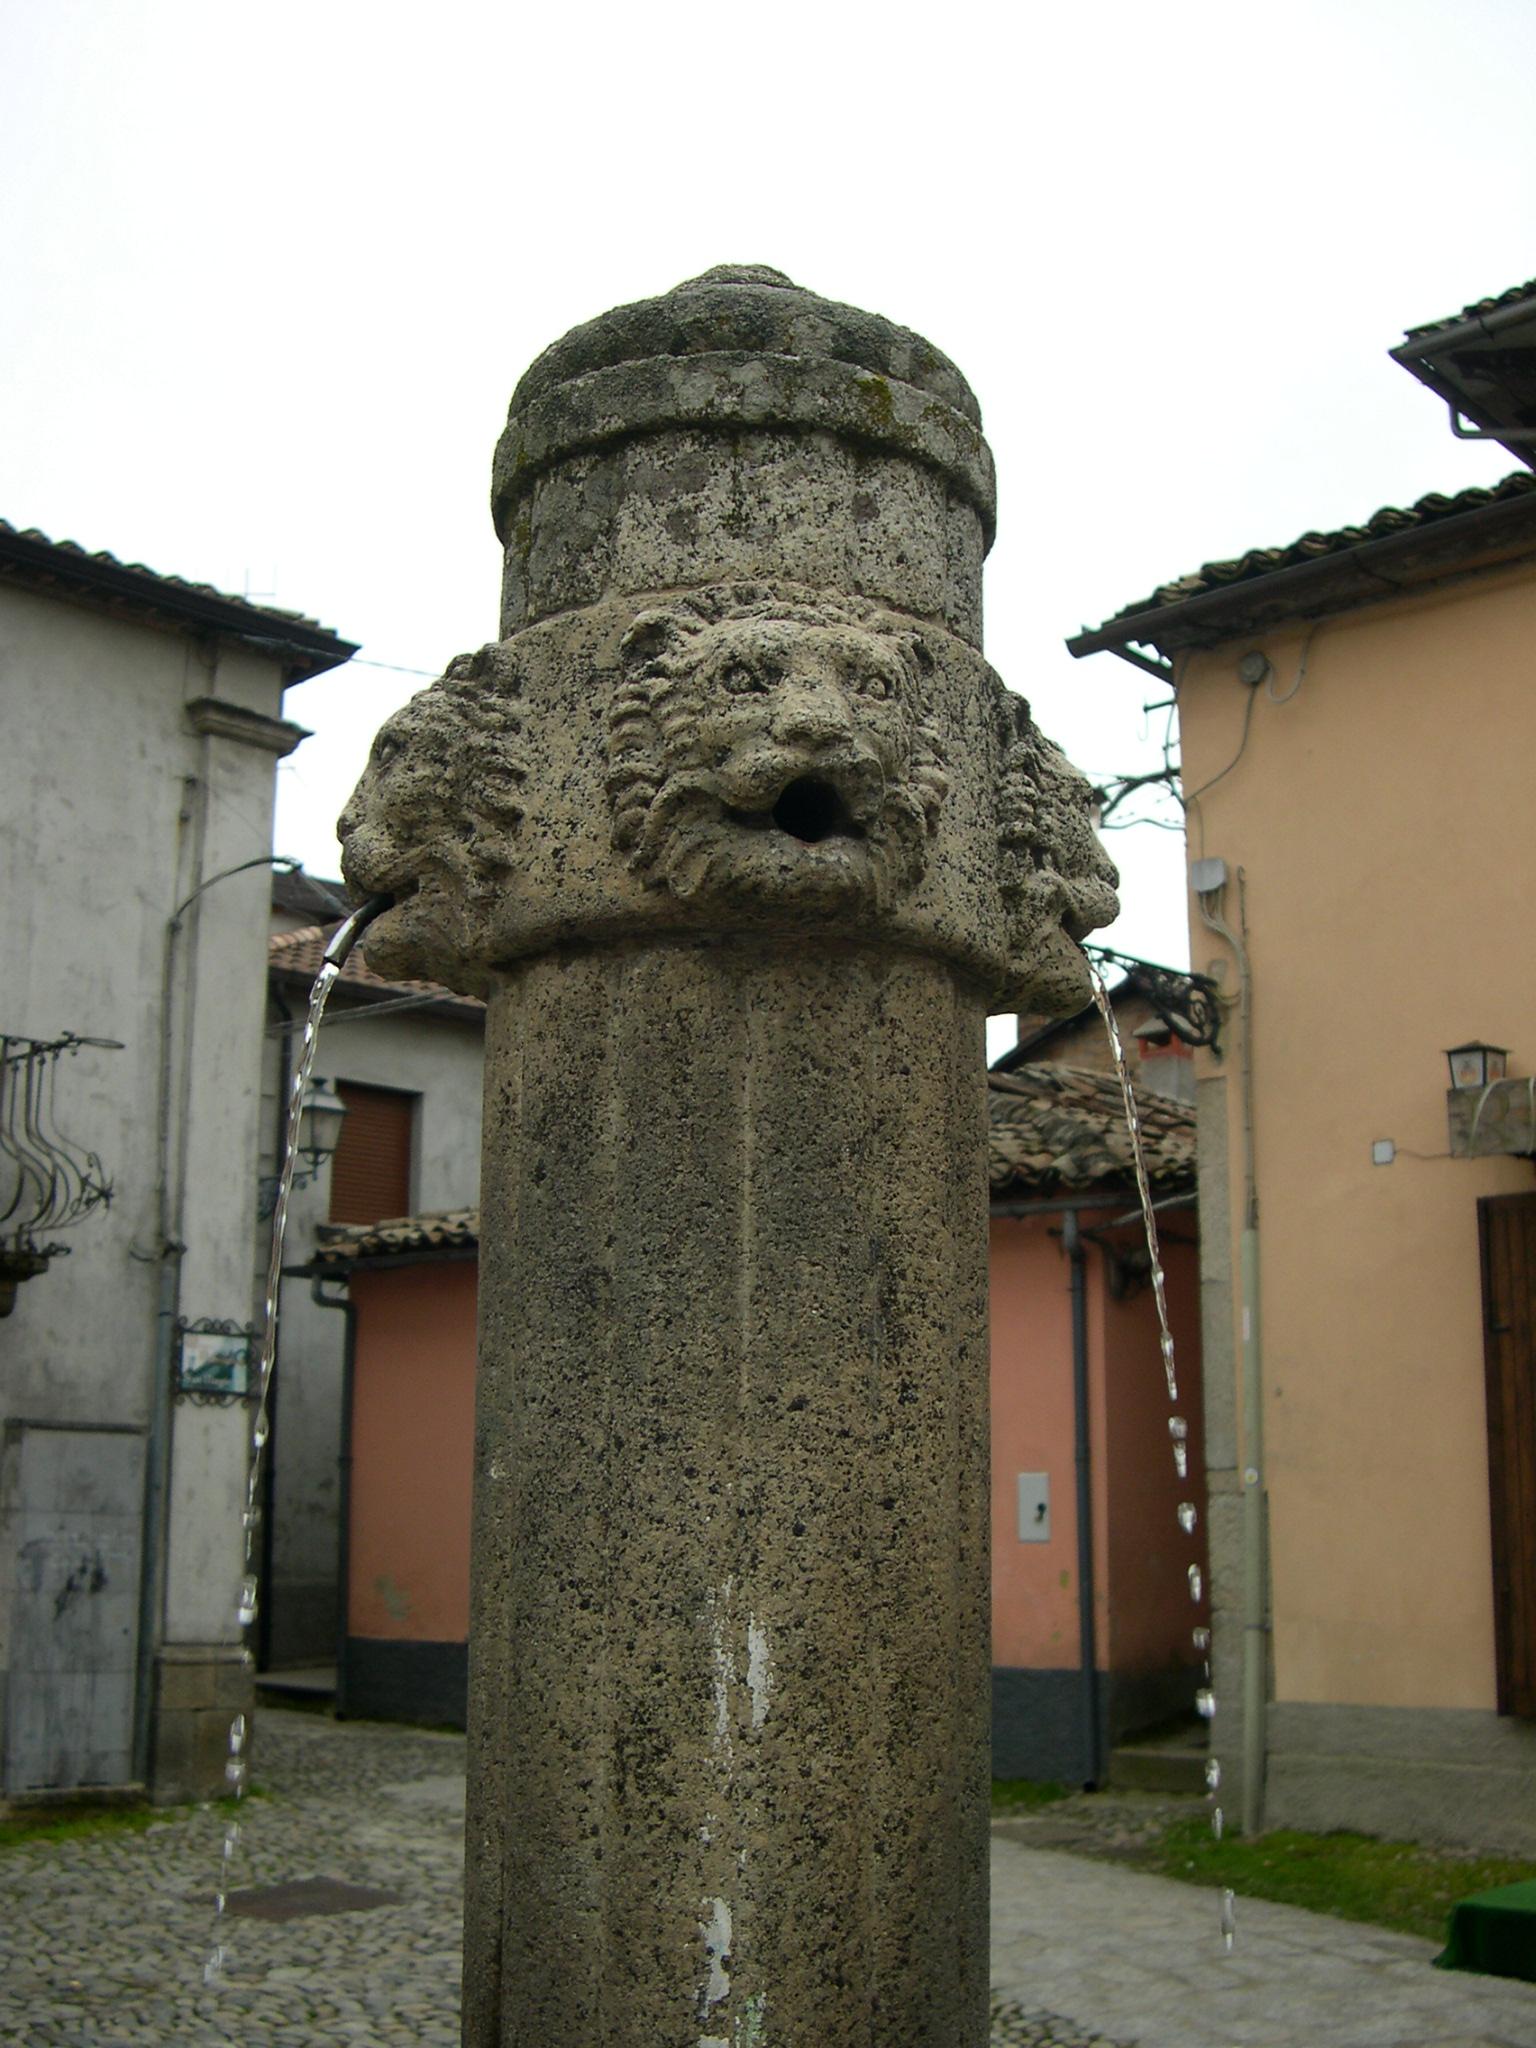 The Lion Fountain, Serra San Bruno